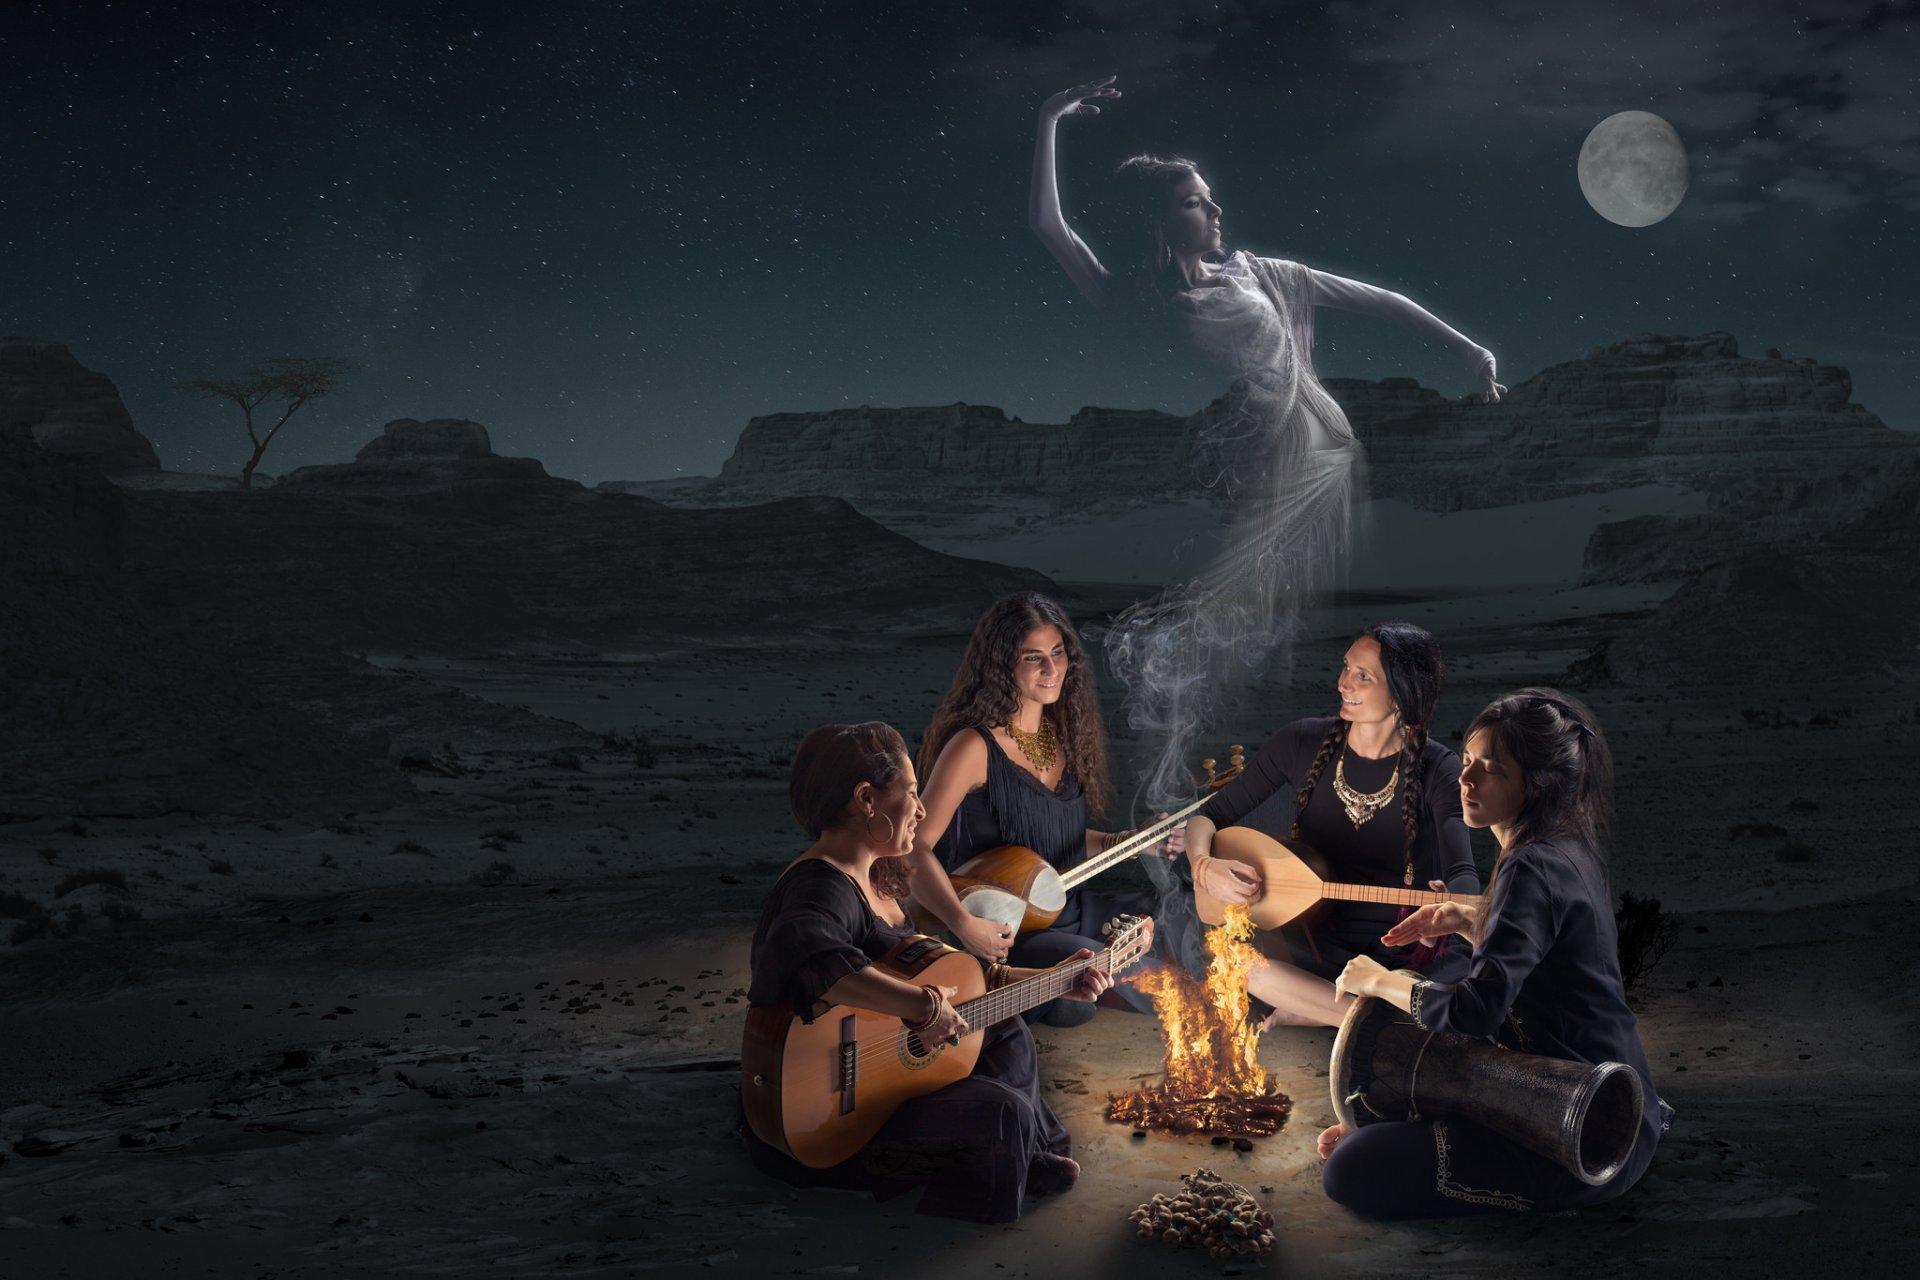 графика девушки костер дух природа graphics girls the fire spirit nature бесплатно